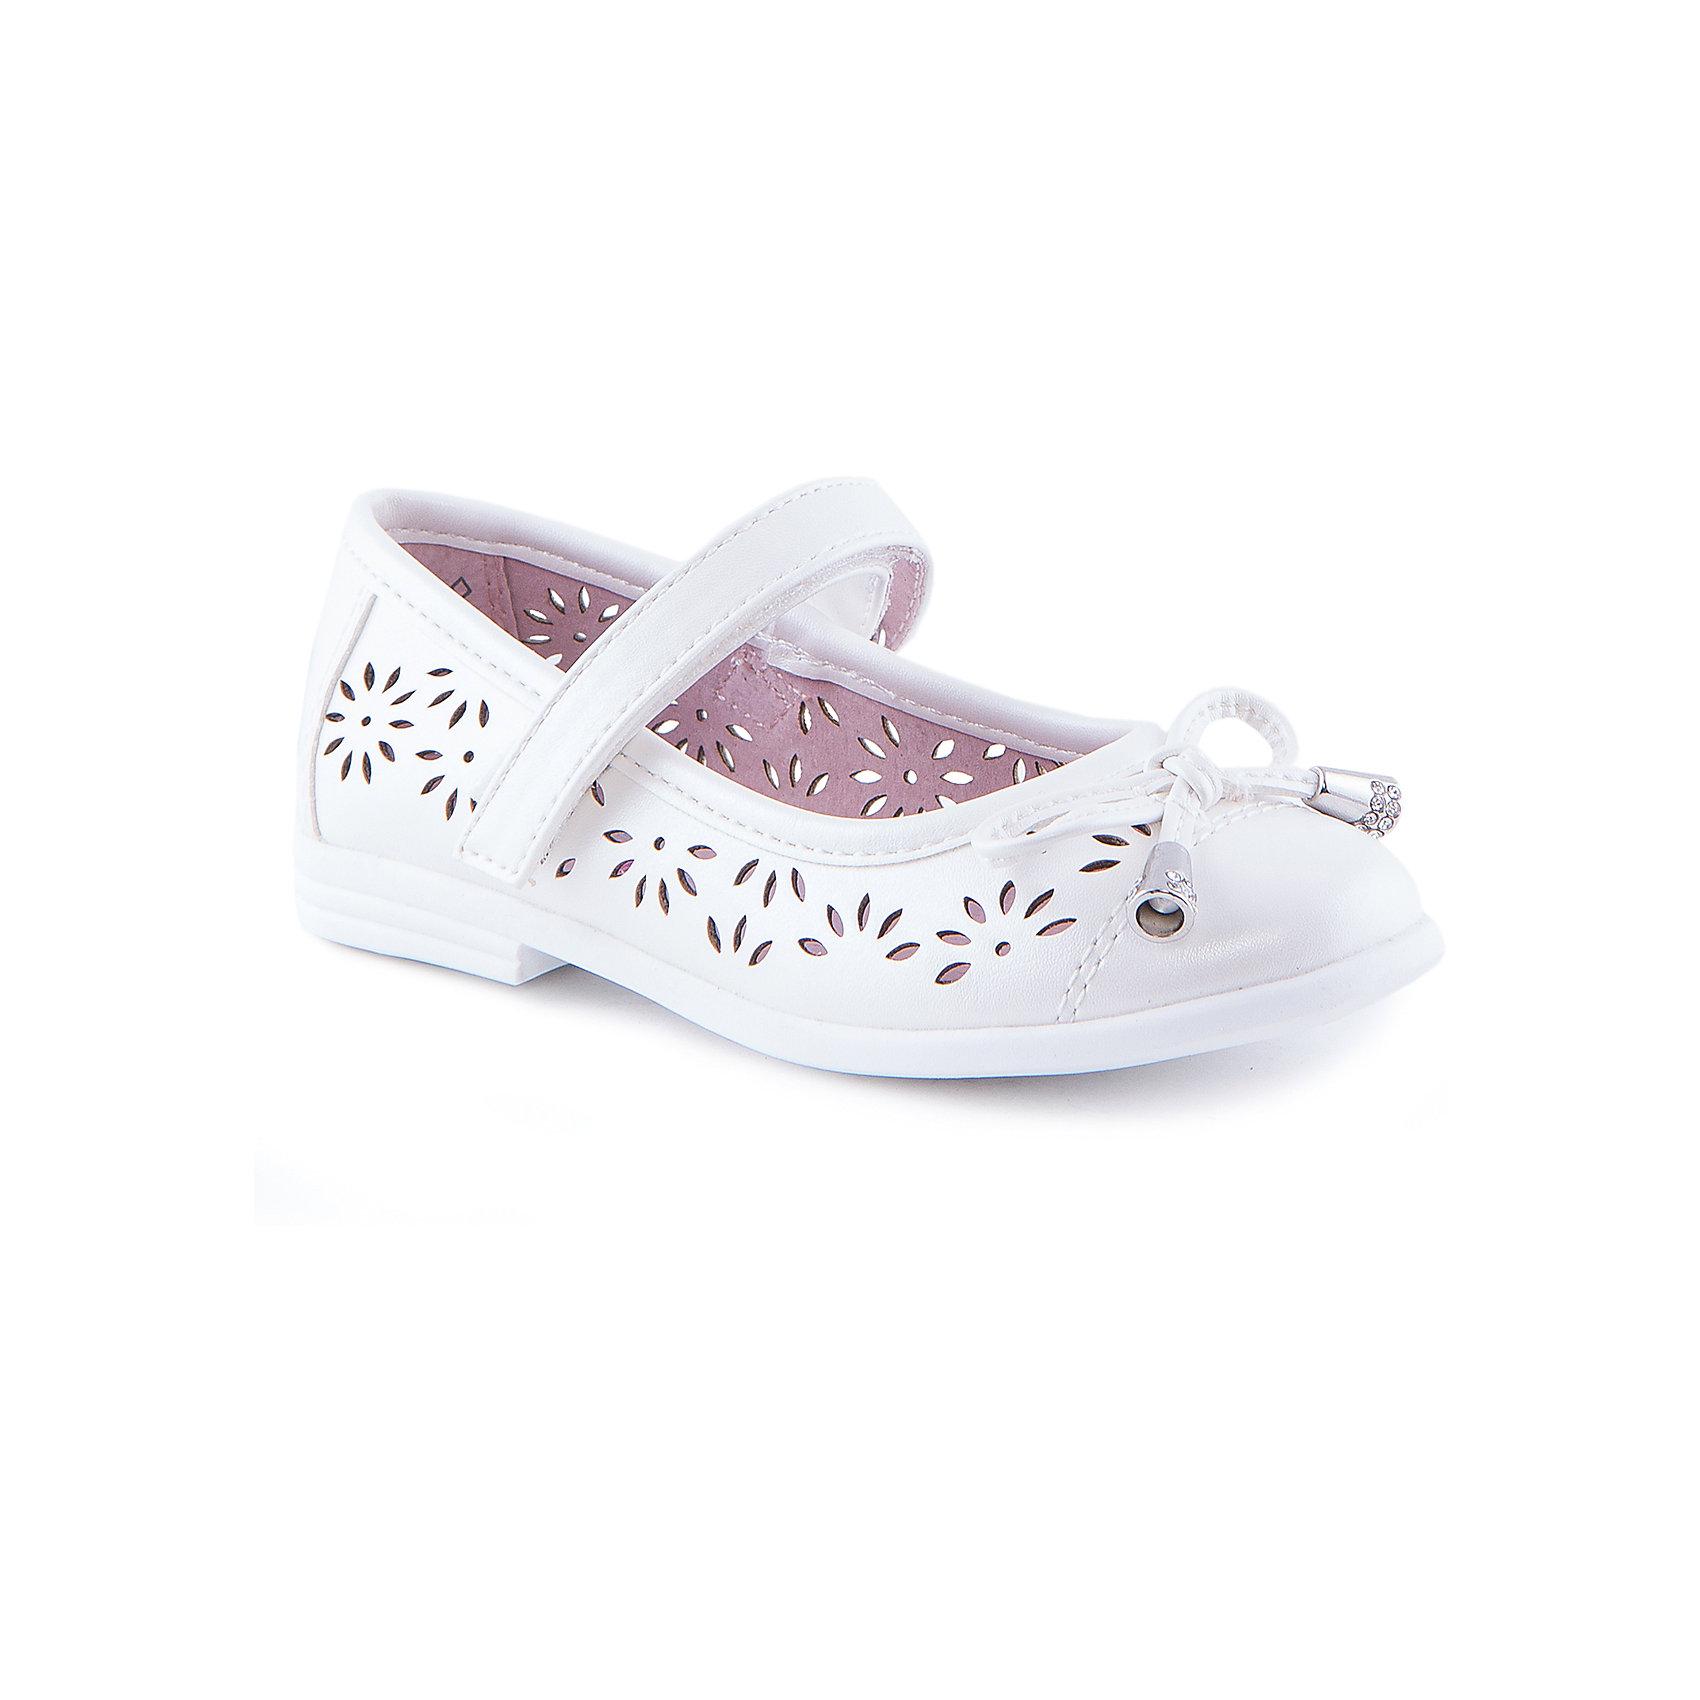 Туфли для девочки КотофейТуфли для девочки от известного российского бренда Котофей <br><br>Удобные туфли выполнены в универсальном белом цвете, украшены перфорацией. <br>Модель легко надевается. Удобная подошва позволяет избегать скольжения практически на любой поверхности.<br><br>Особенности модели:<br><br>- цвет: белый;<br>- тонкая гибкая подошва;<br>- застежка: липучка;<br>- вид крепления обуви: клеевой;<br>- качественные материалы;<br>- декорированы вырубленным узором и бантом;<br>- хорошее облегание.<br><br>Дополнительная информация:<br><br>Состав: <br><br>верх - искусственная кожа;<br>подошва - ТЭП.<br><br>Туфли для девочки Котофей можно купить в нашем магазине.<br><br>Ширина мм: 227<br>Глубина мм: 145<br>Высота мм: 124<br>Вес г: 325<br>Цвет: белый<br>Возраст от месяцев: 24<br>Возраст до месяцев: 24<br>Пол: Женский<br>Возраст: Детский<br>Размер: 25,26,27,29,28<br>SKU: 4565833